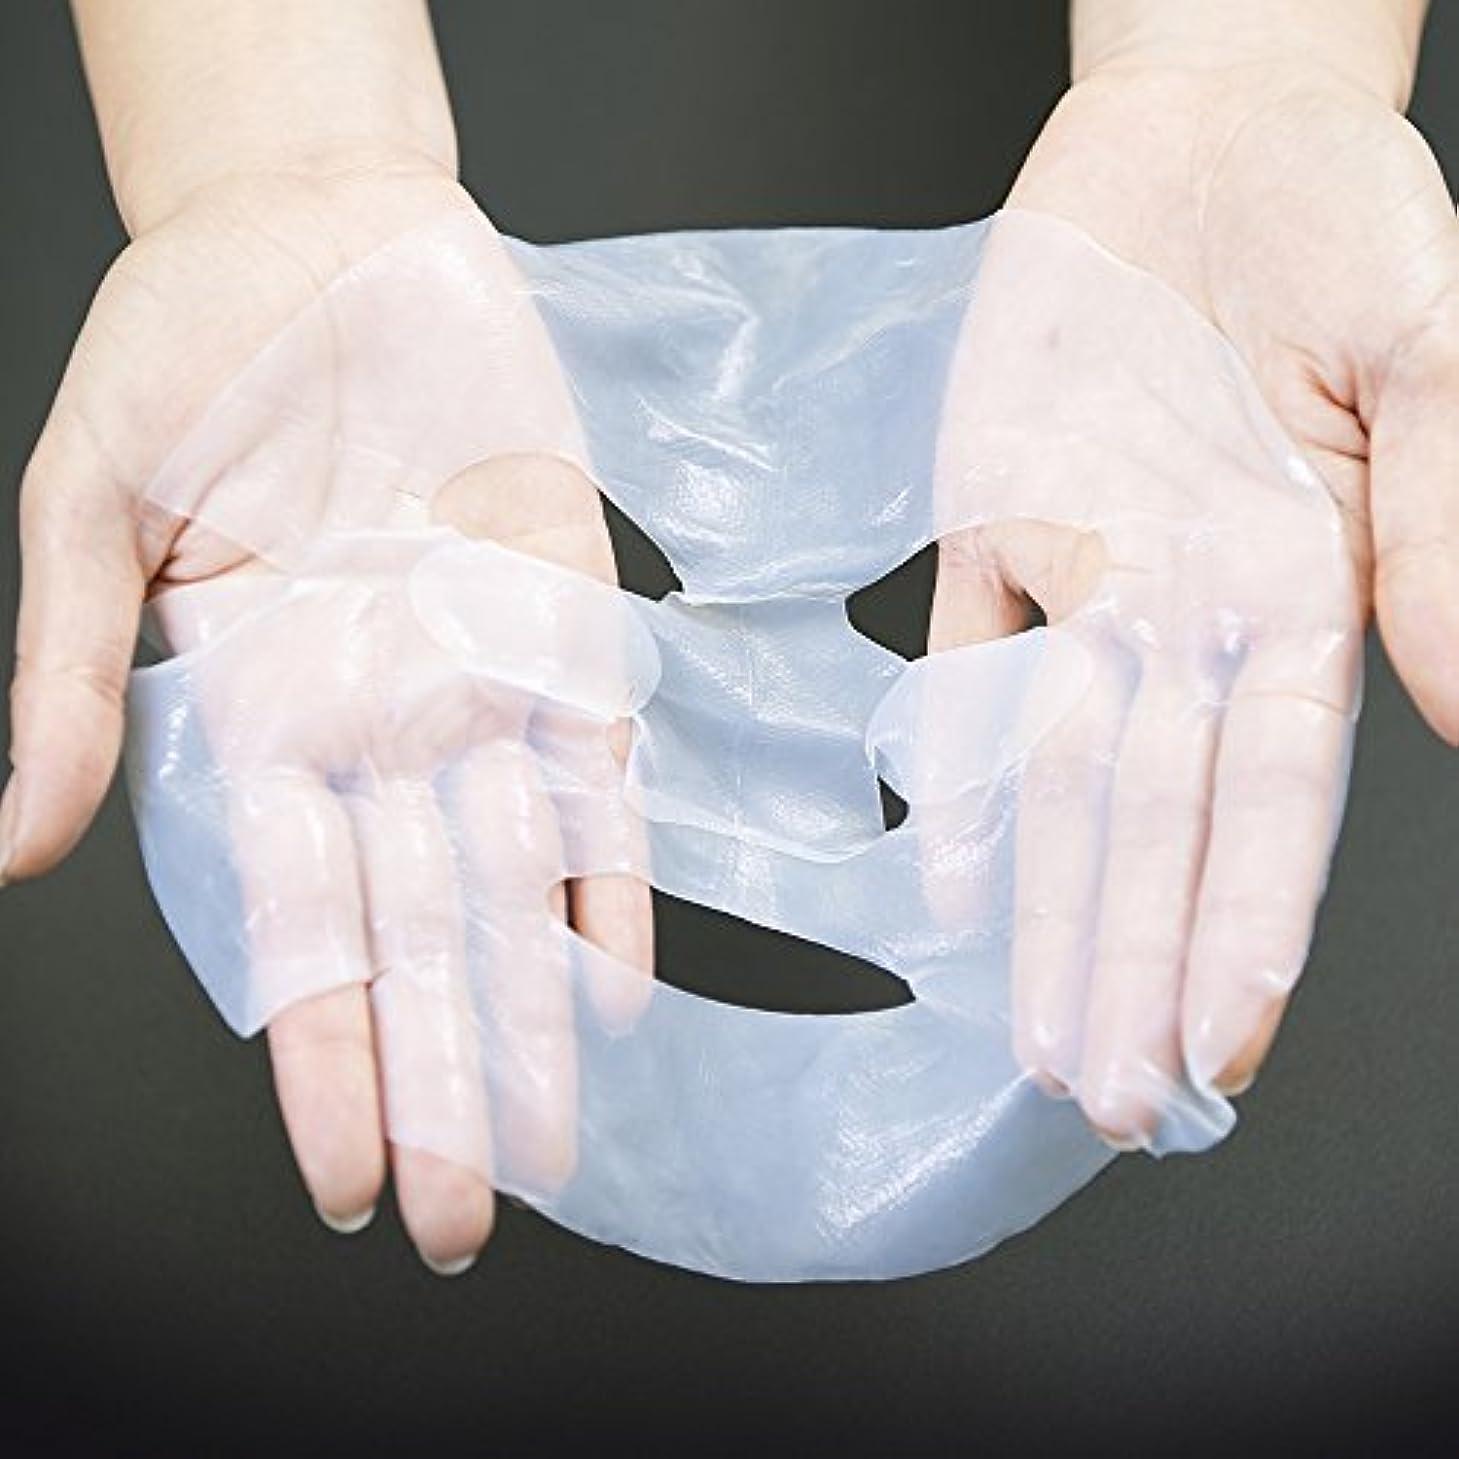 テクトニック慢性的記念ヒト幹細胞化粧品 ディアガイア フェイスパック 5枚セット